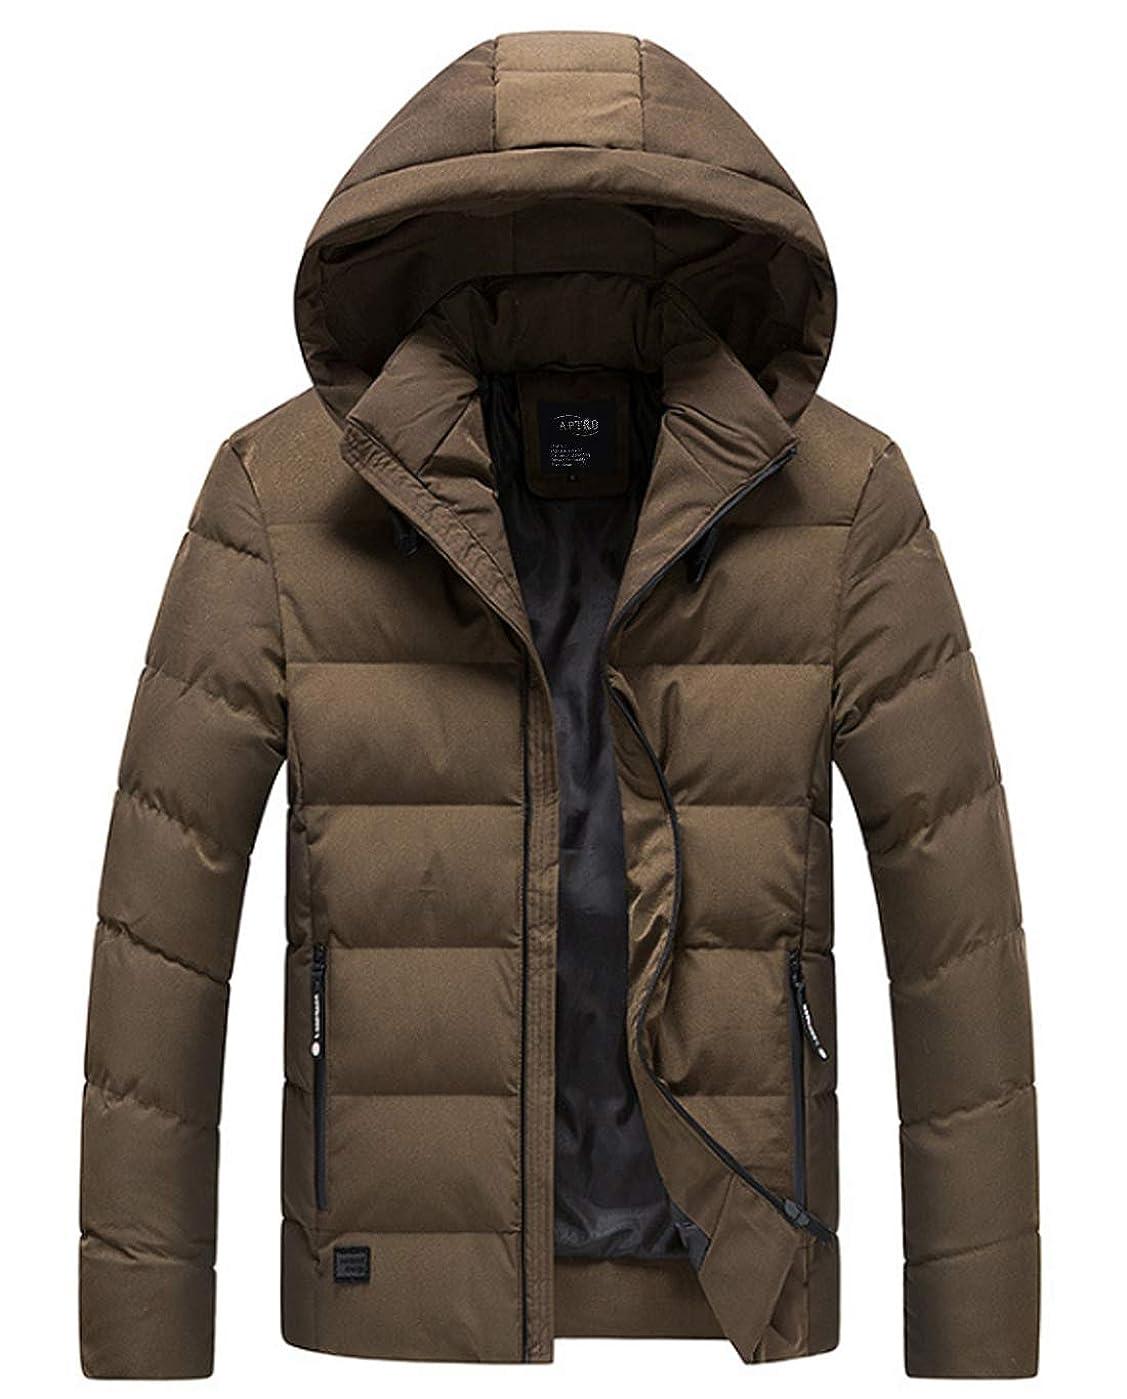 上昇エアコン読書APTRO(アプトロ)メンズ ダウンコート ダウンジャケット 中綿ダウン 秋冬コート 分厚い アウターコートフード着脱可 暖かい 撥水 防寒コート